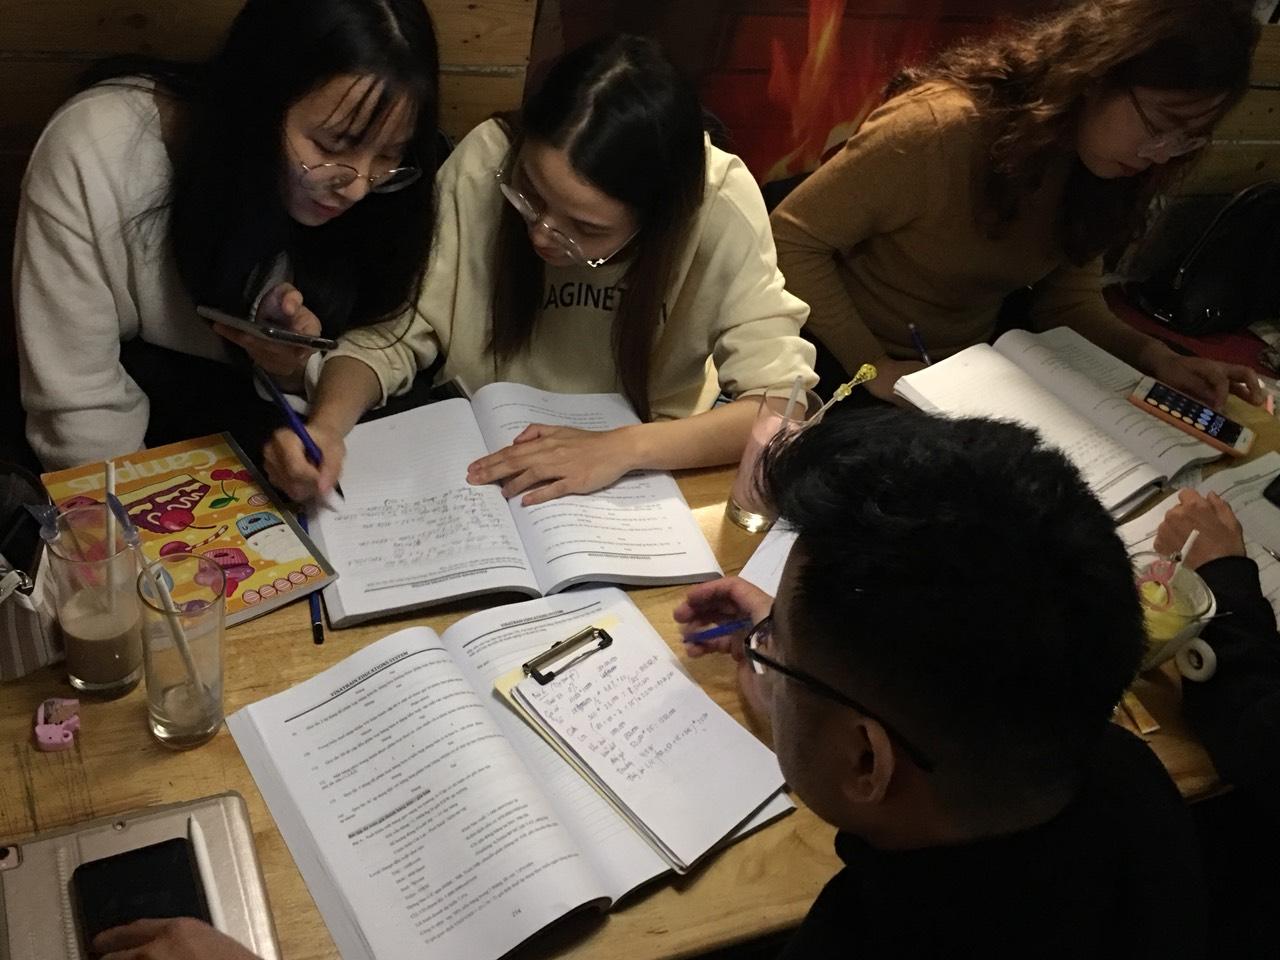 Buổi partime học nhóm của học viên lớp khai báo hải quan tại VinaTrain chi nhánh Hà Nội